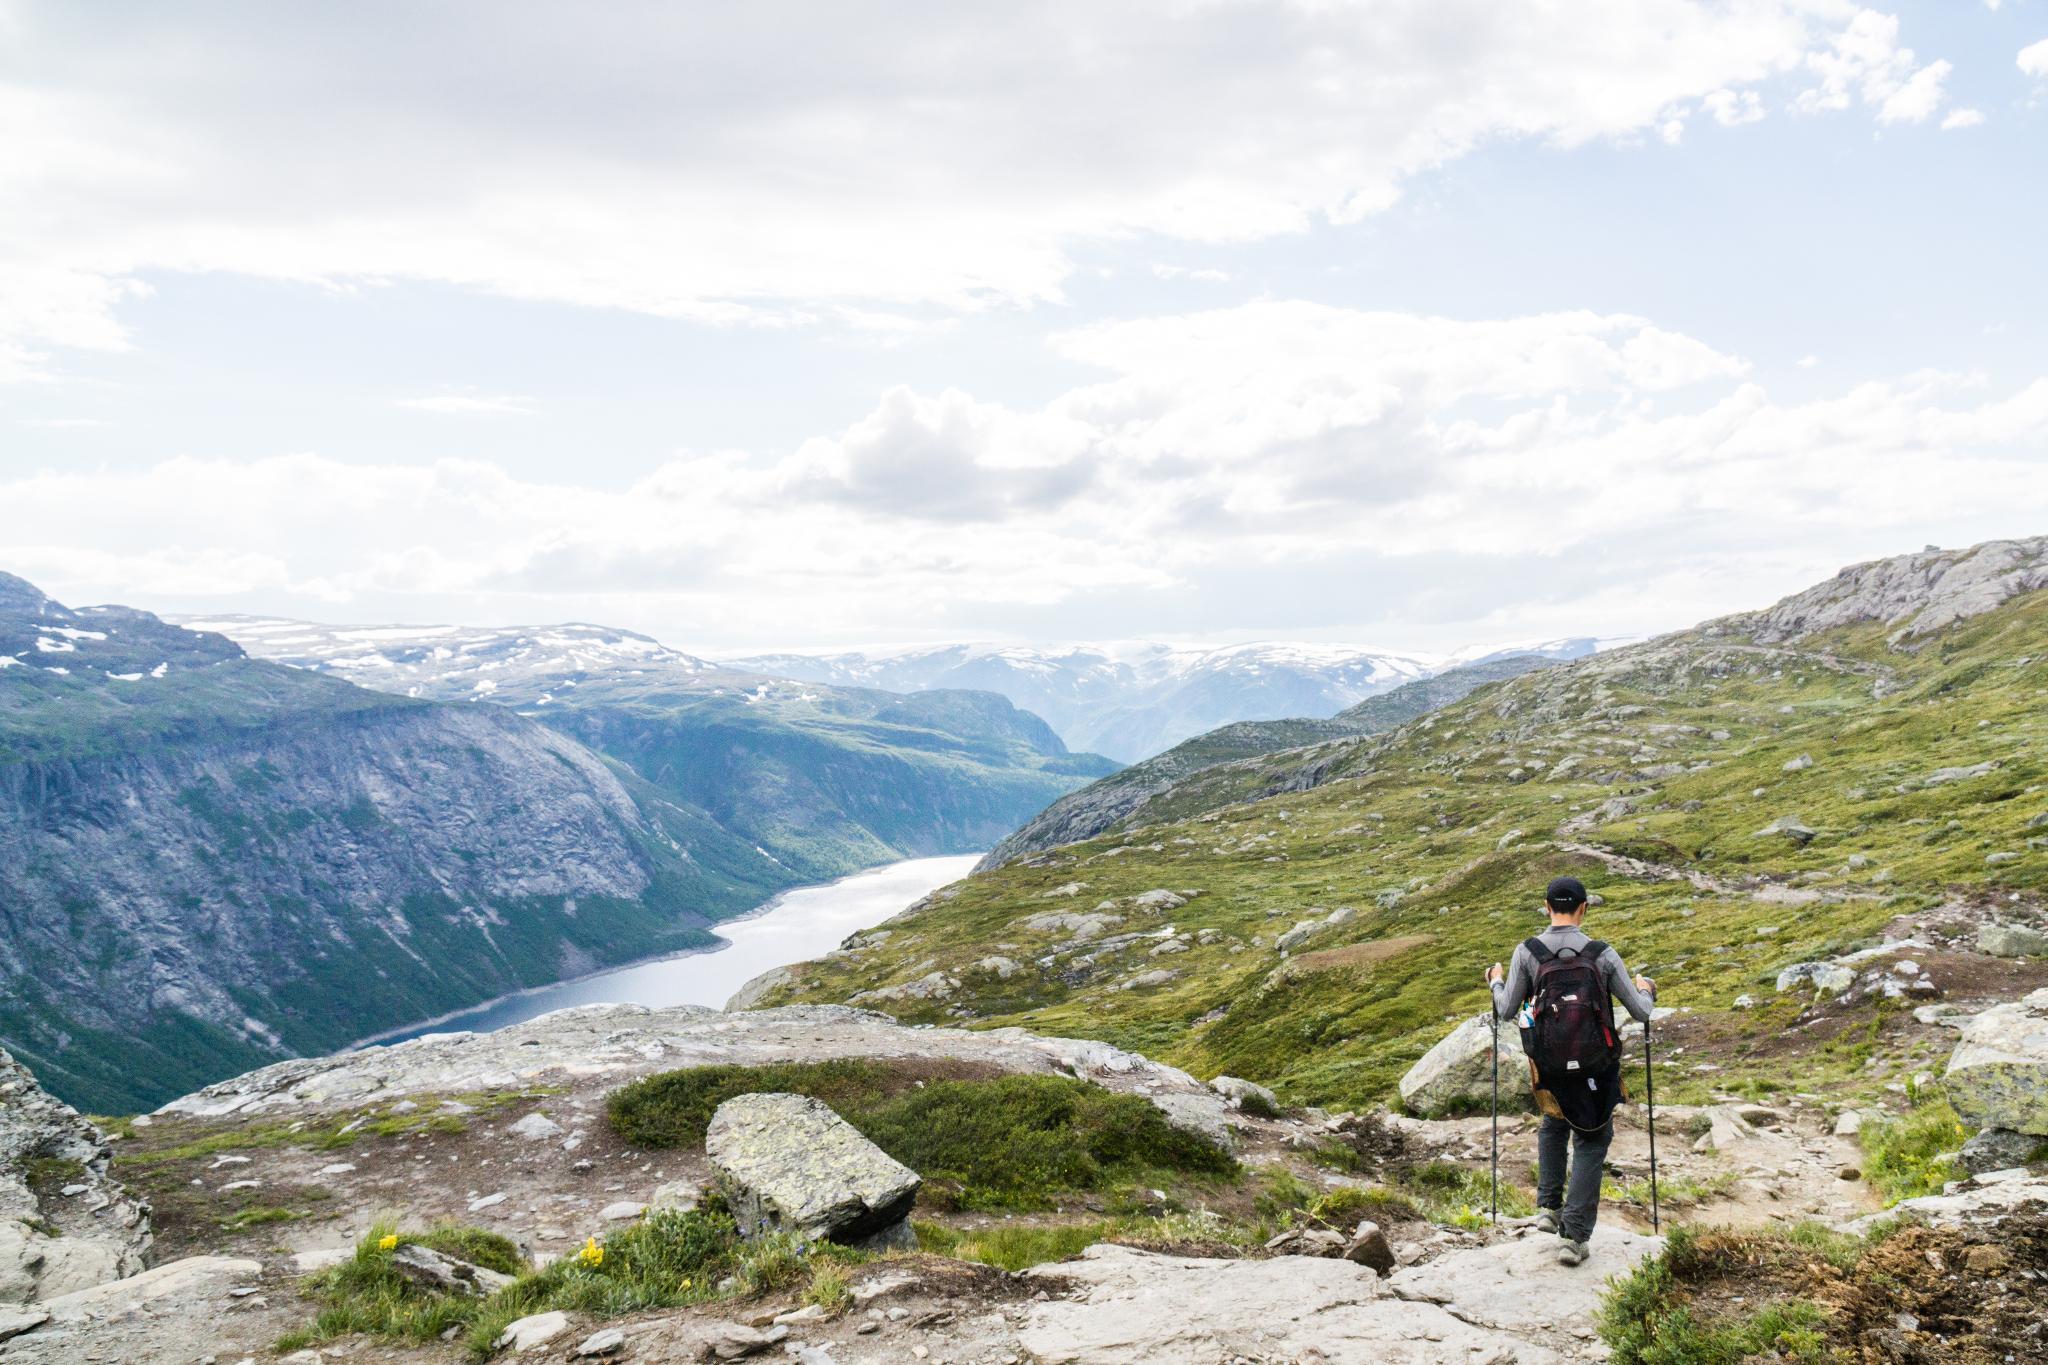 【北歐景點】挪威惡魔之舌 Trolltunga — 28公里健行挑戰全攻略 167